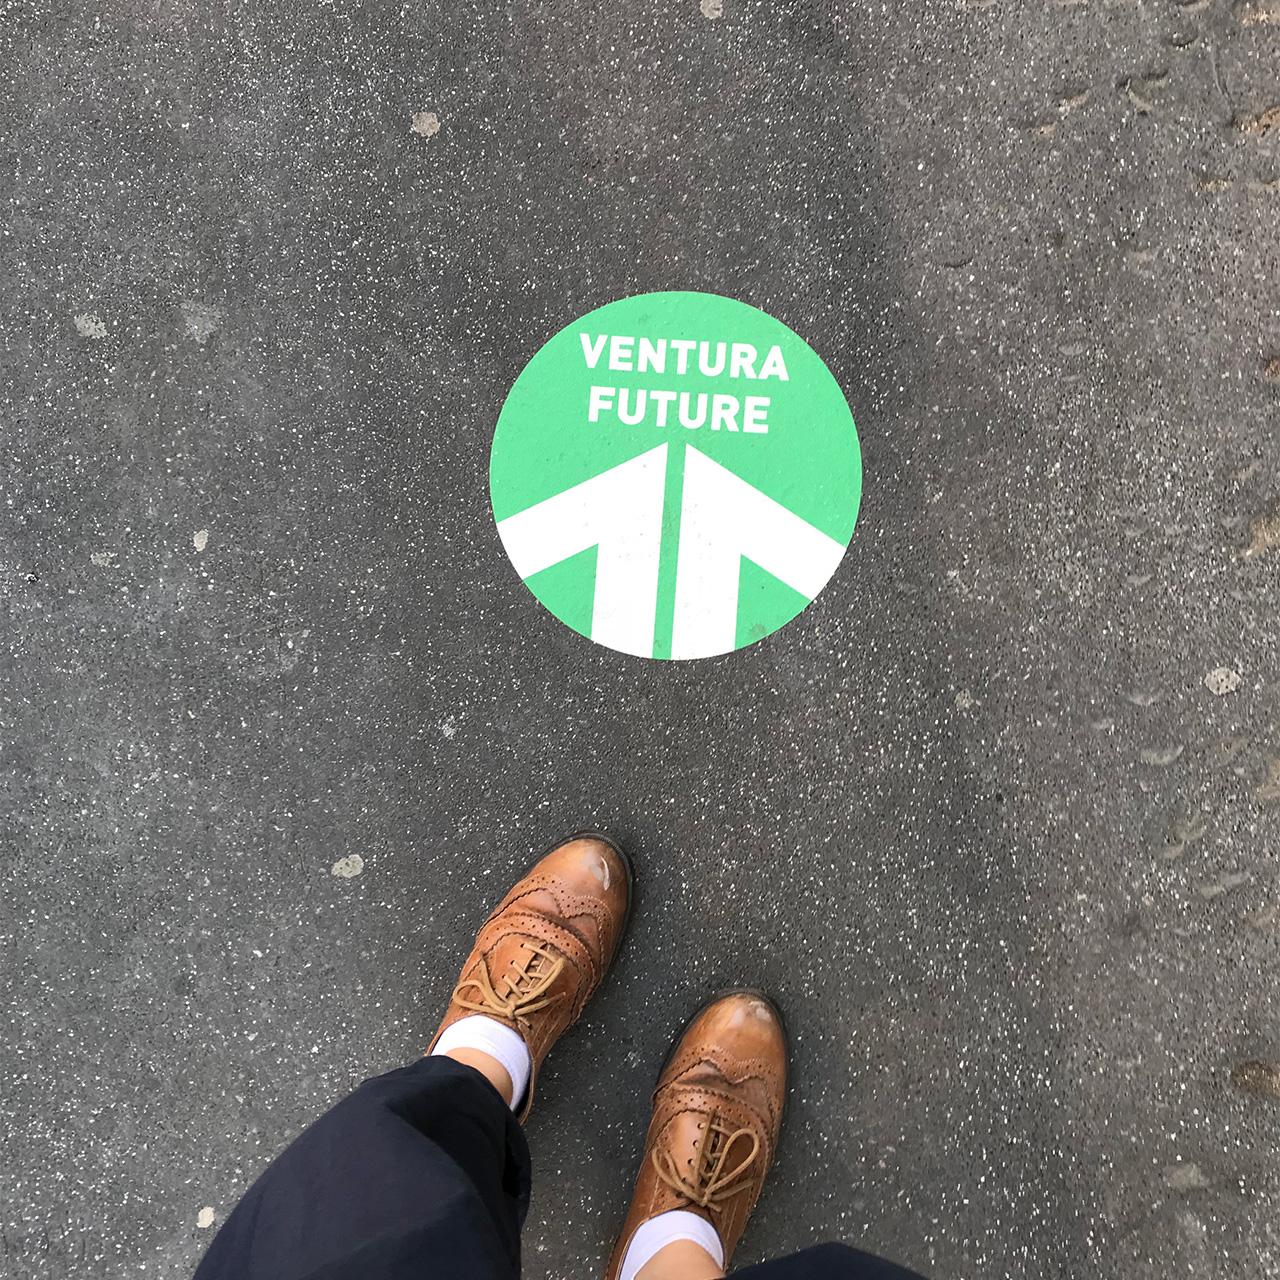 Milan Design Week 2018: Ventura Future